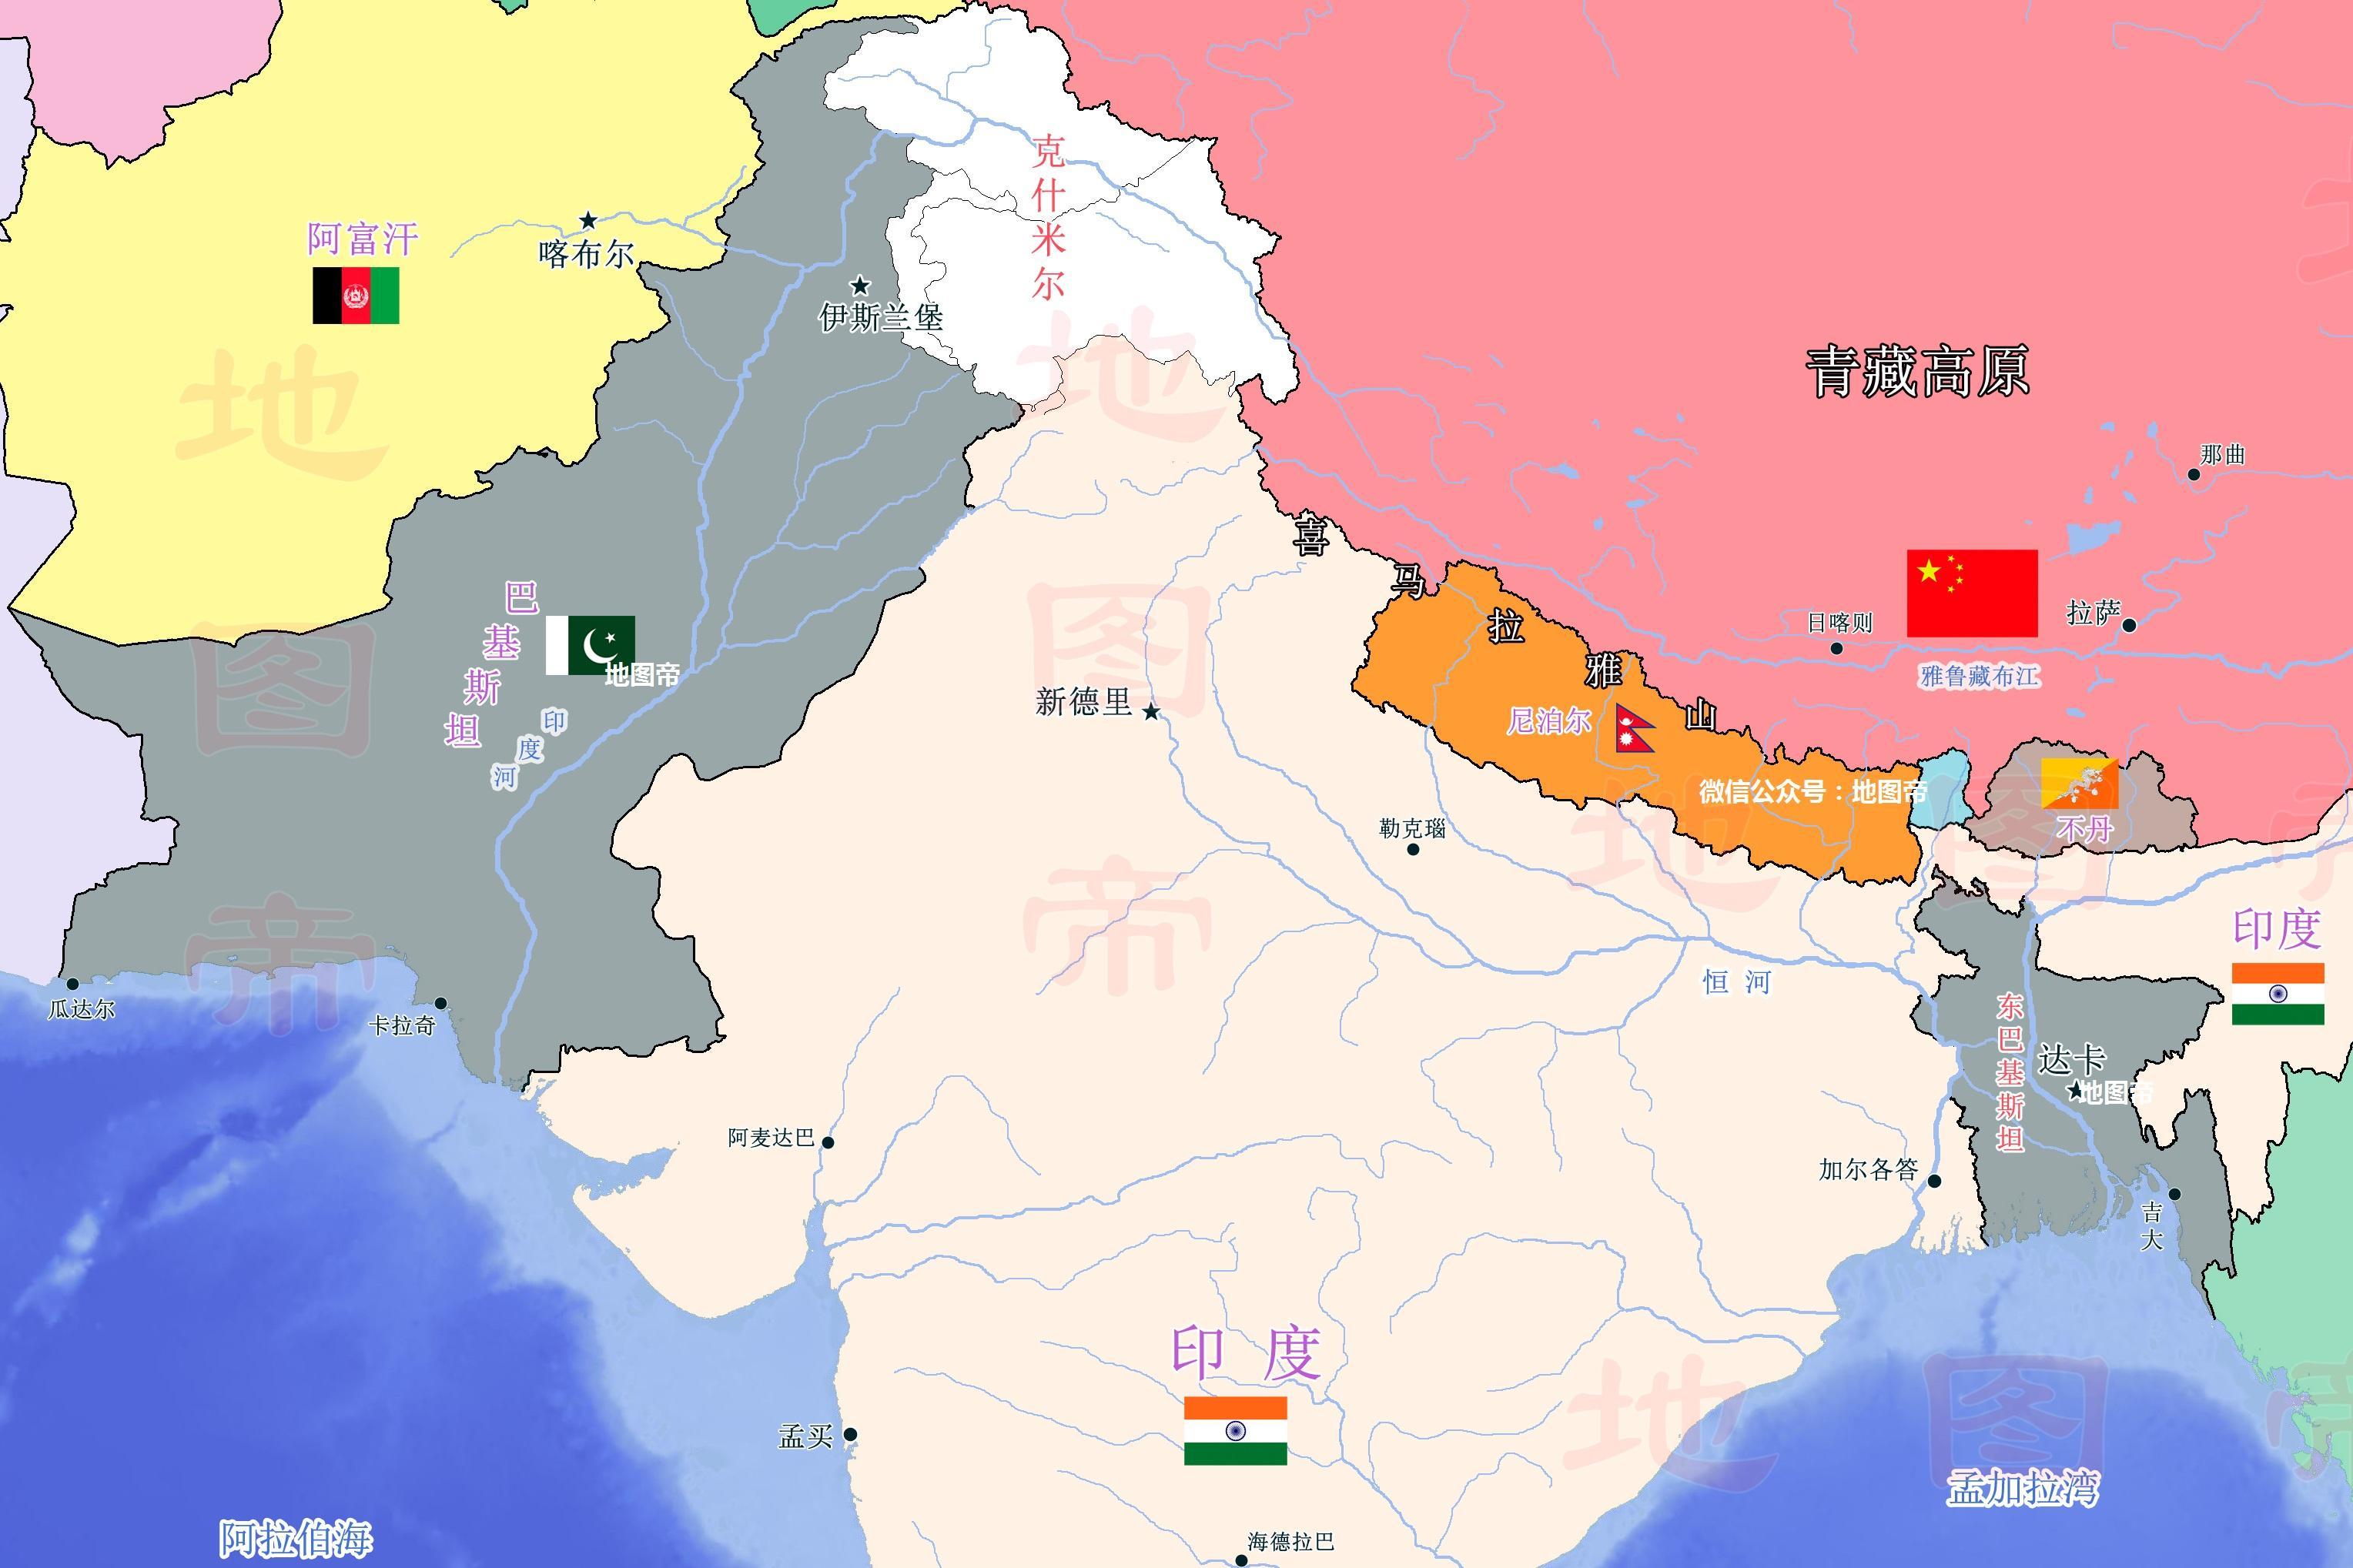 2000年印度人口_...完成下列要求 1 读印度人口资料.印度的人口居世界第 位.到